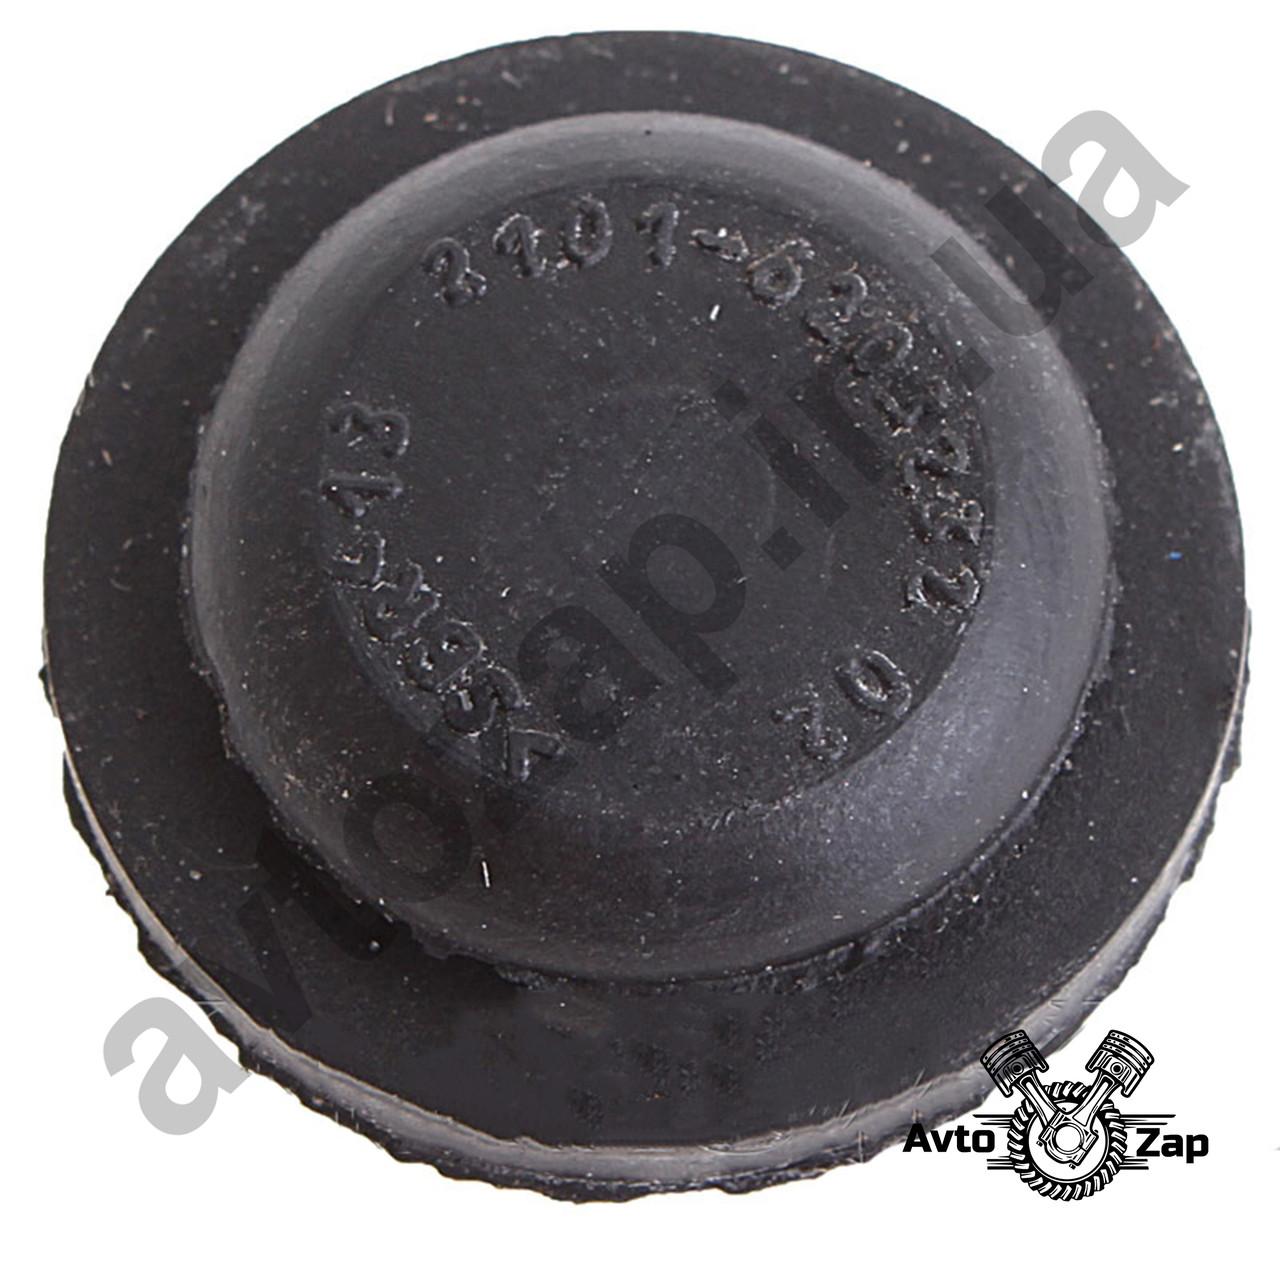 Заглушка опускного стекла ВАЗ 2101-07 (форточная)     15932